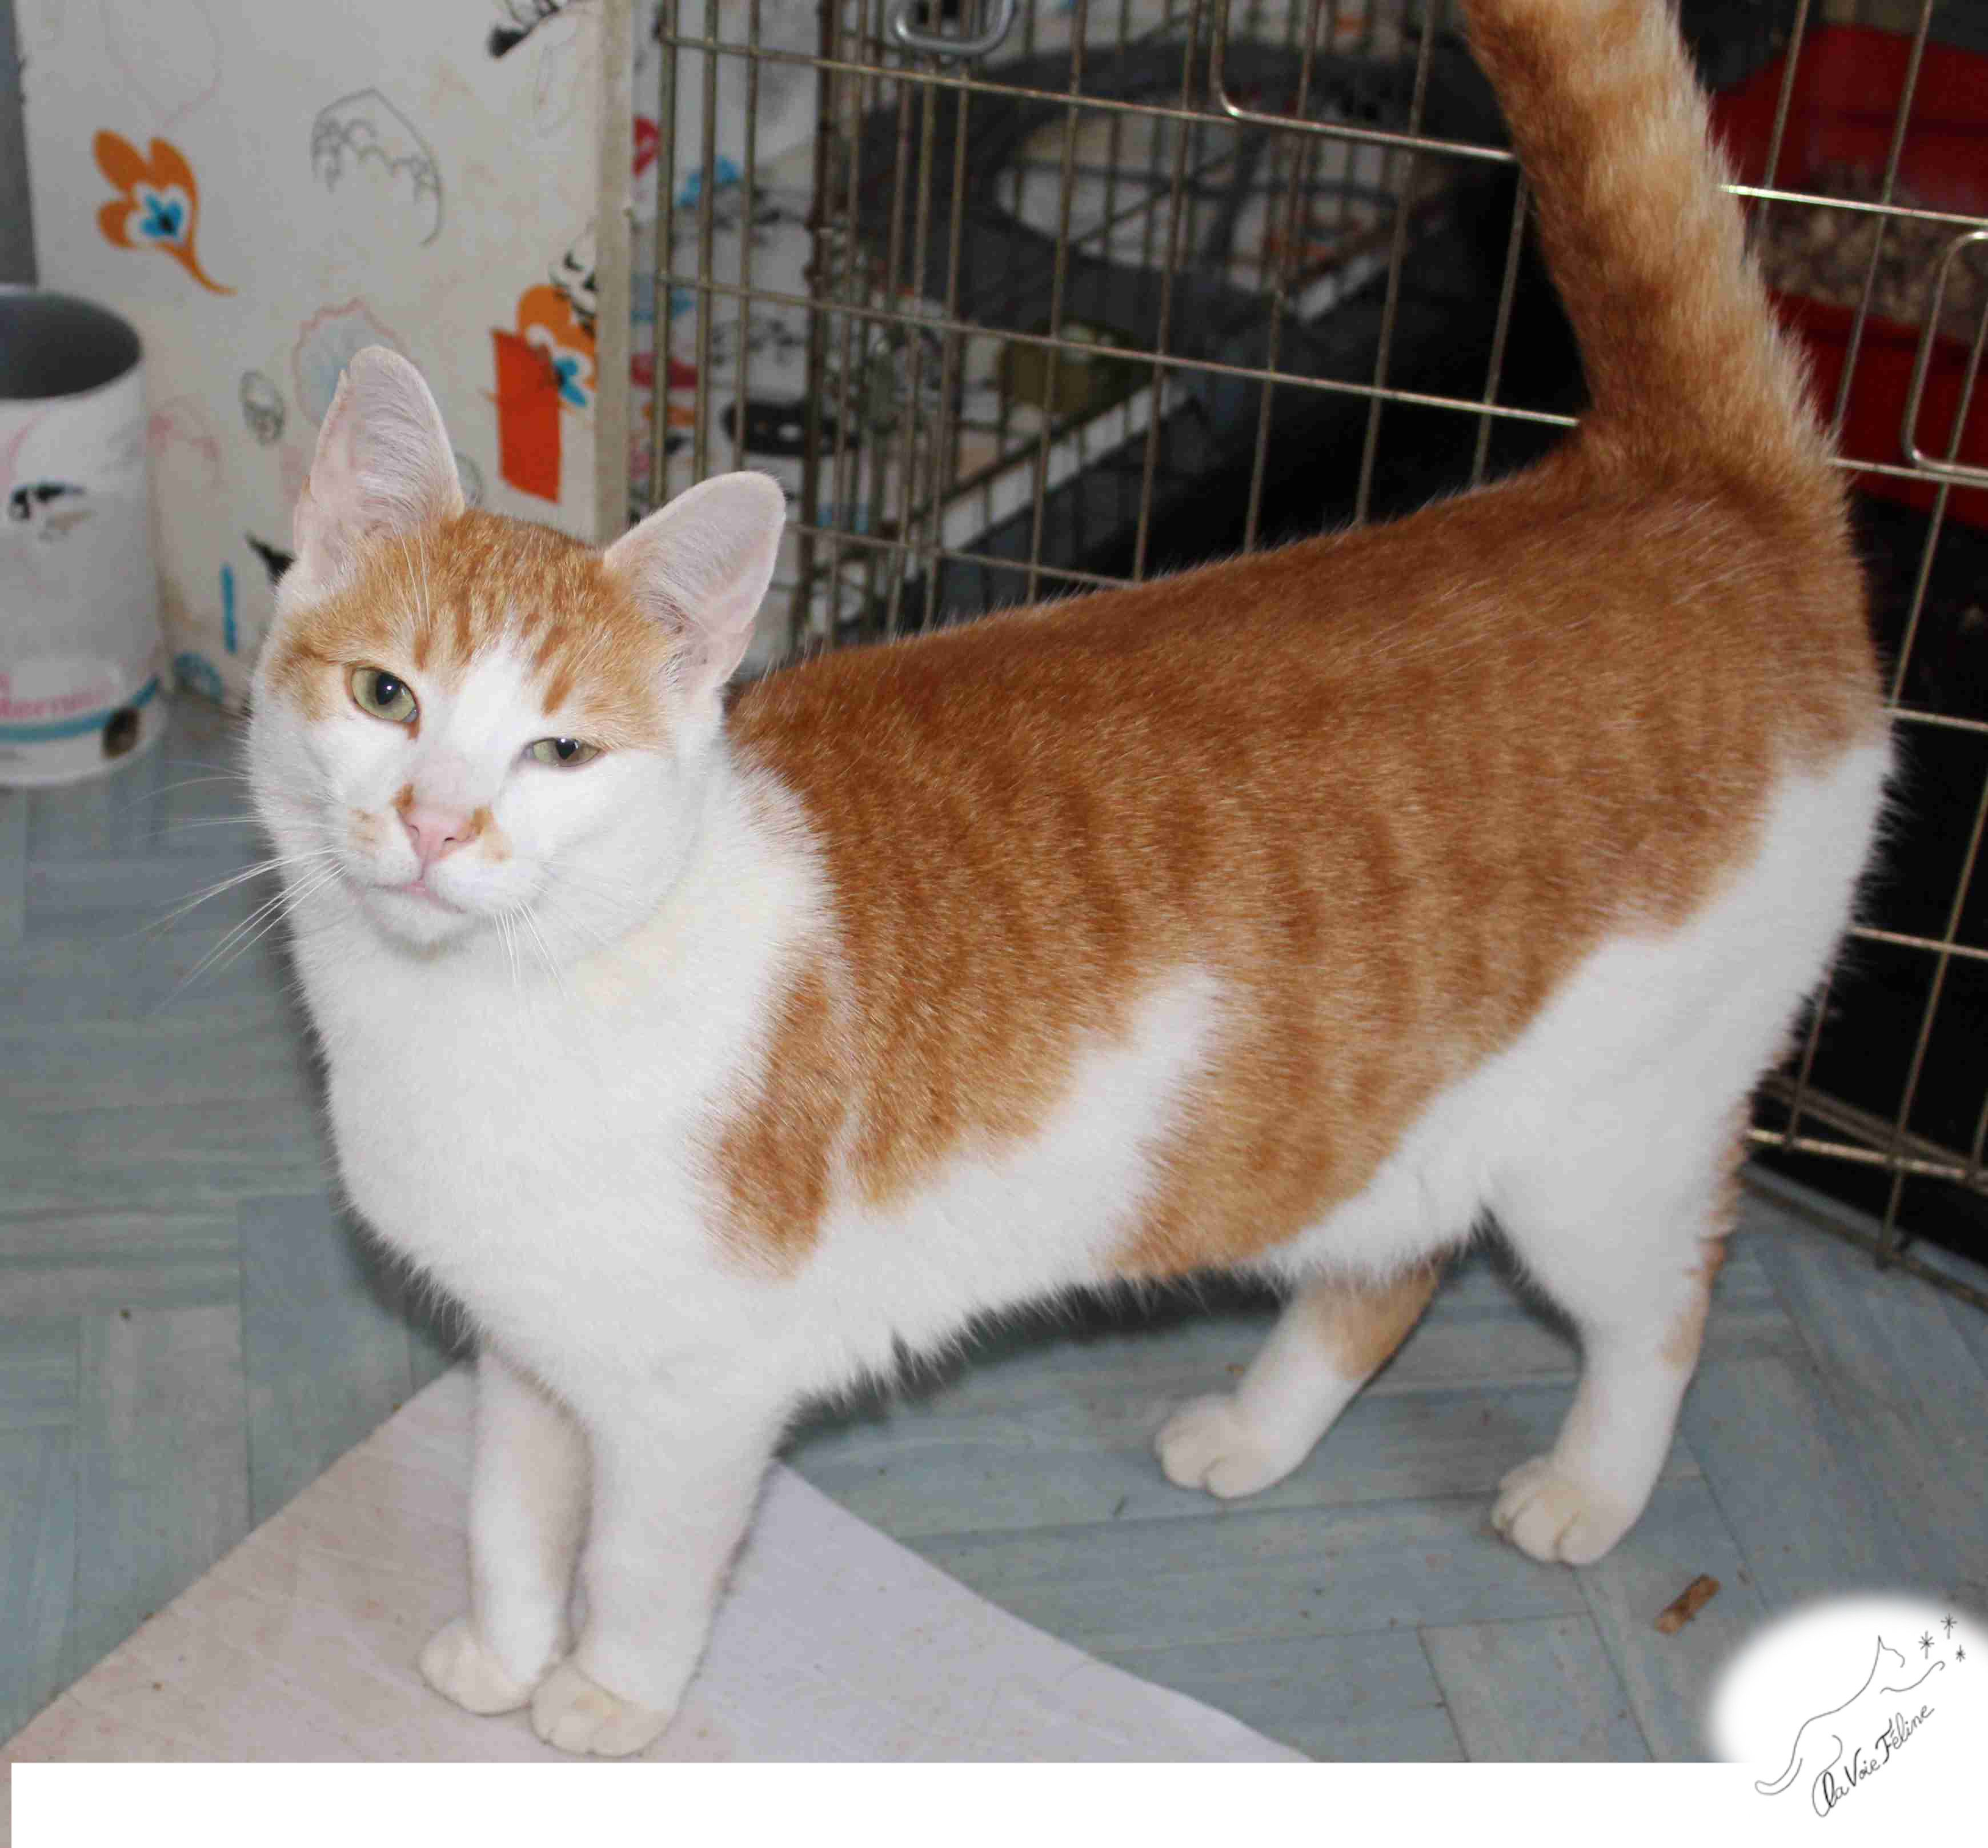 Ronsard - Adopter un chat – Ile de France